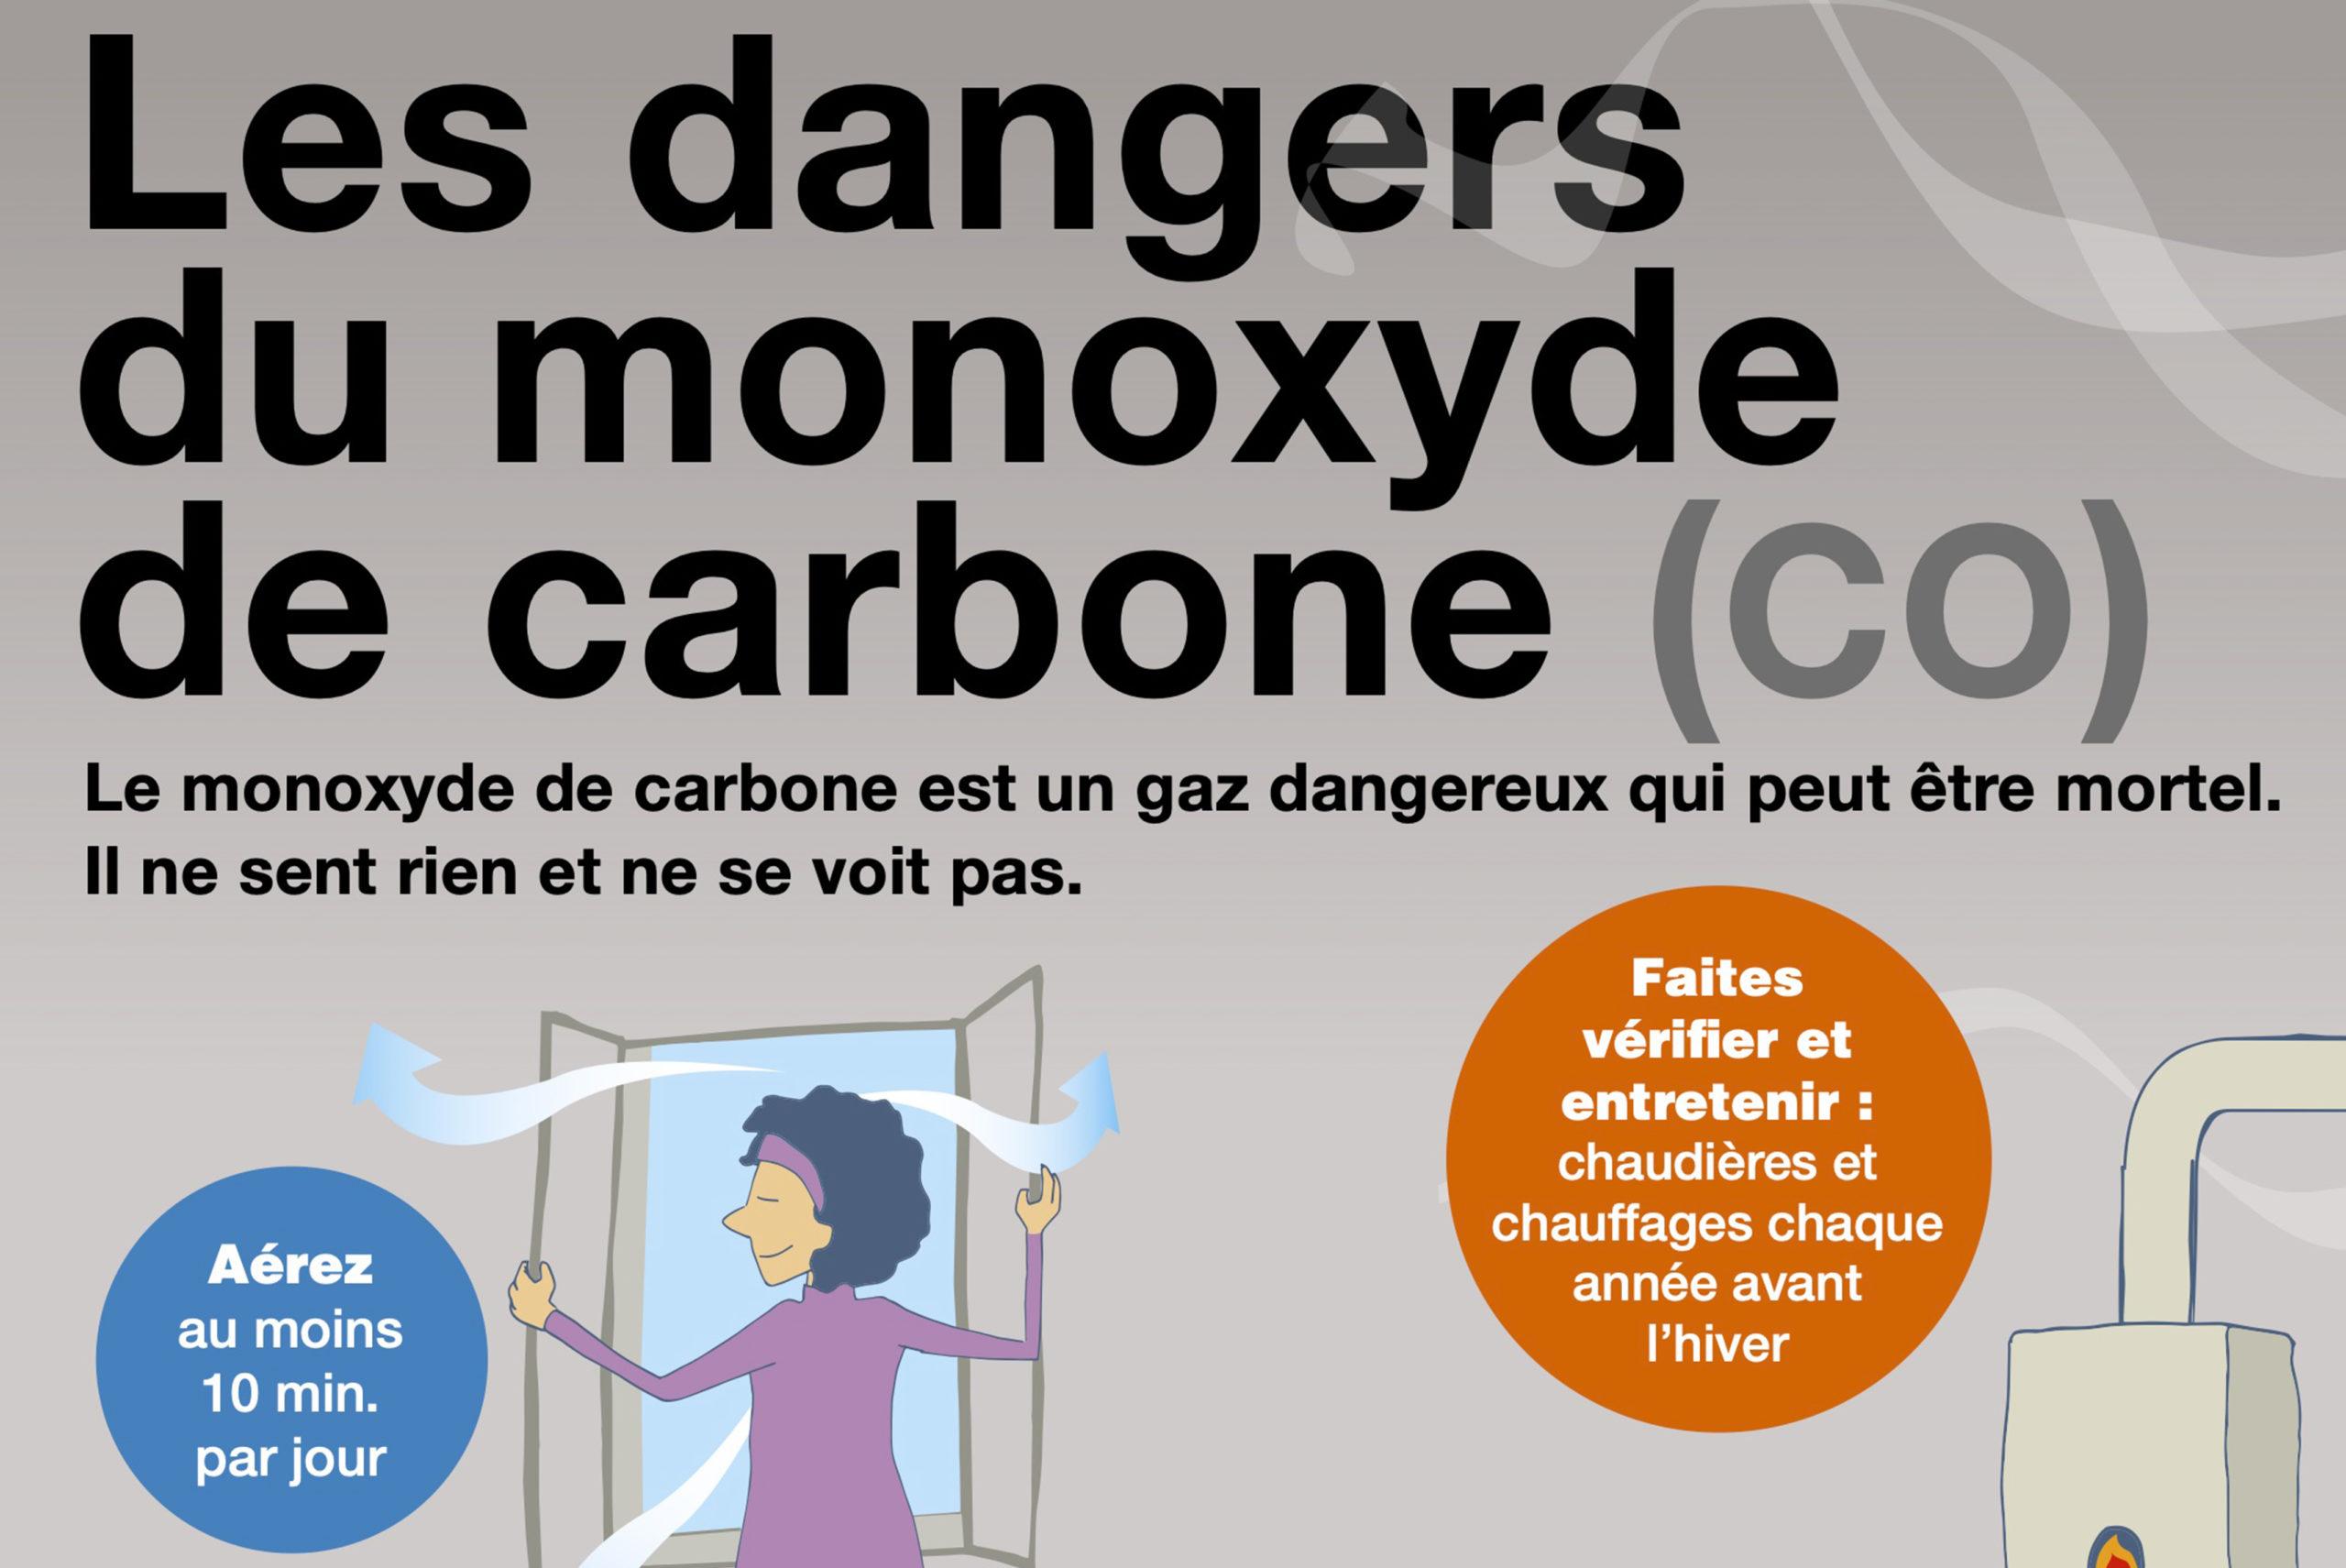 Monoxyde de carbone